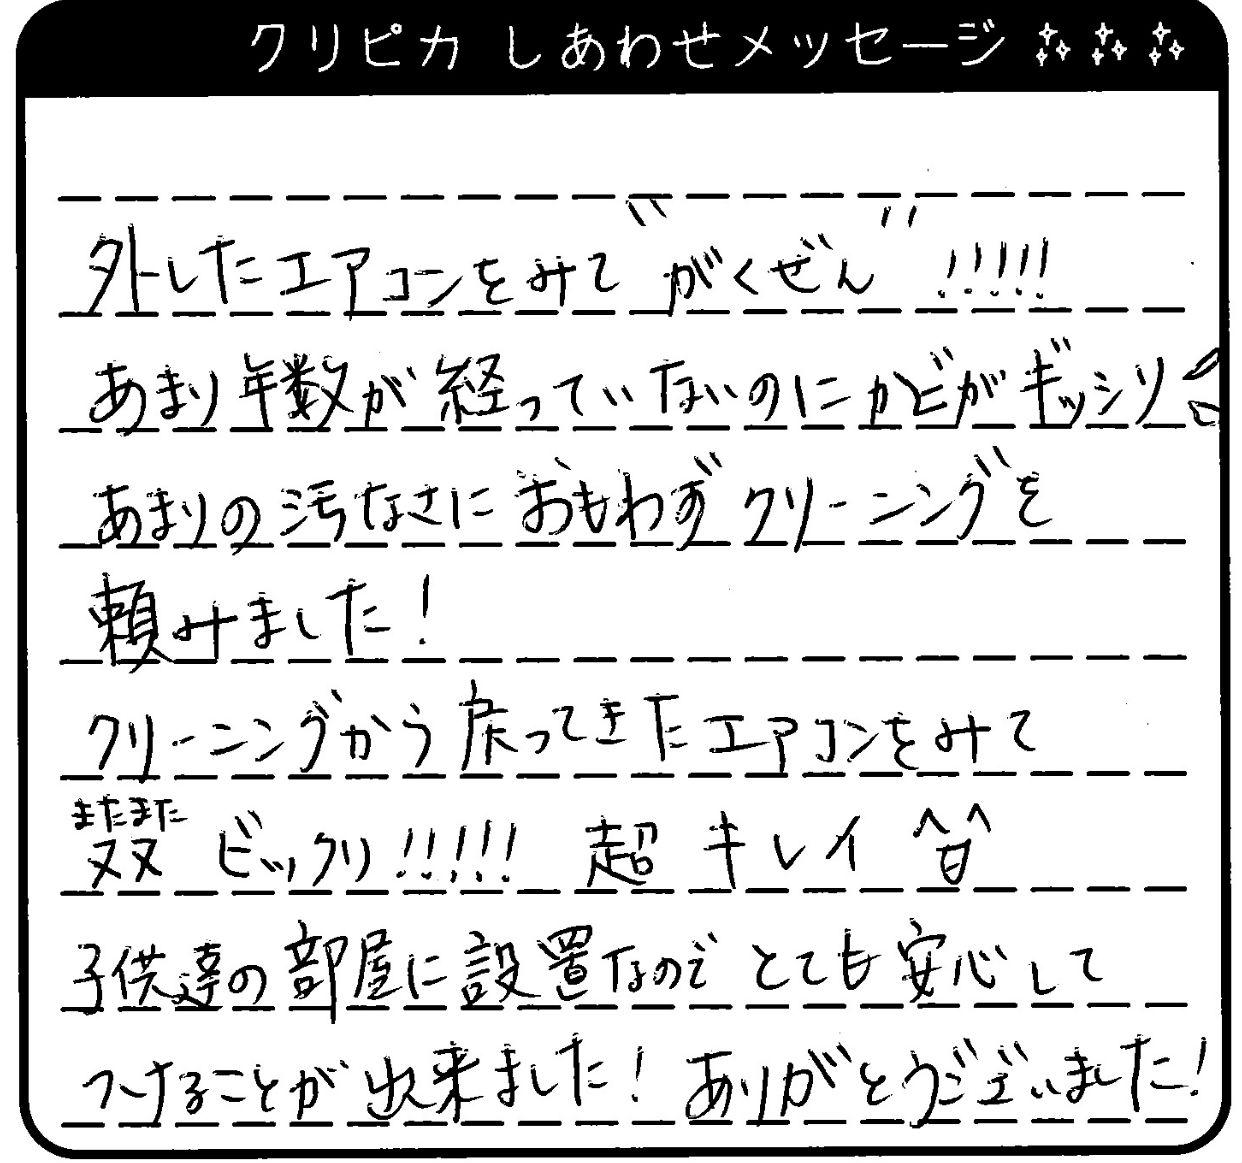 福岡県 K様からのしあわせメッセージ